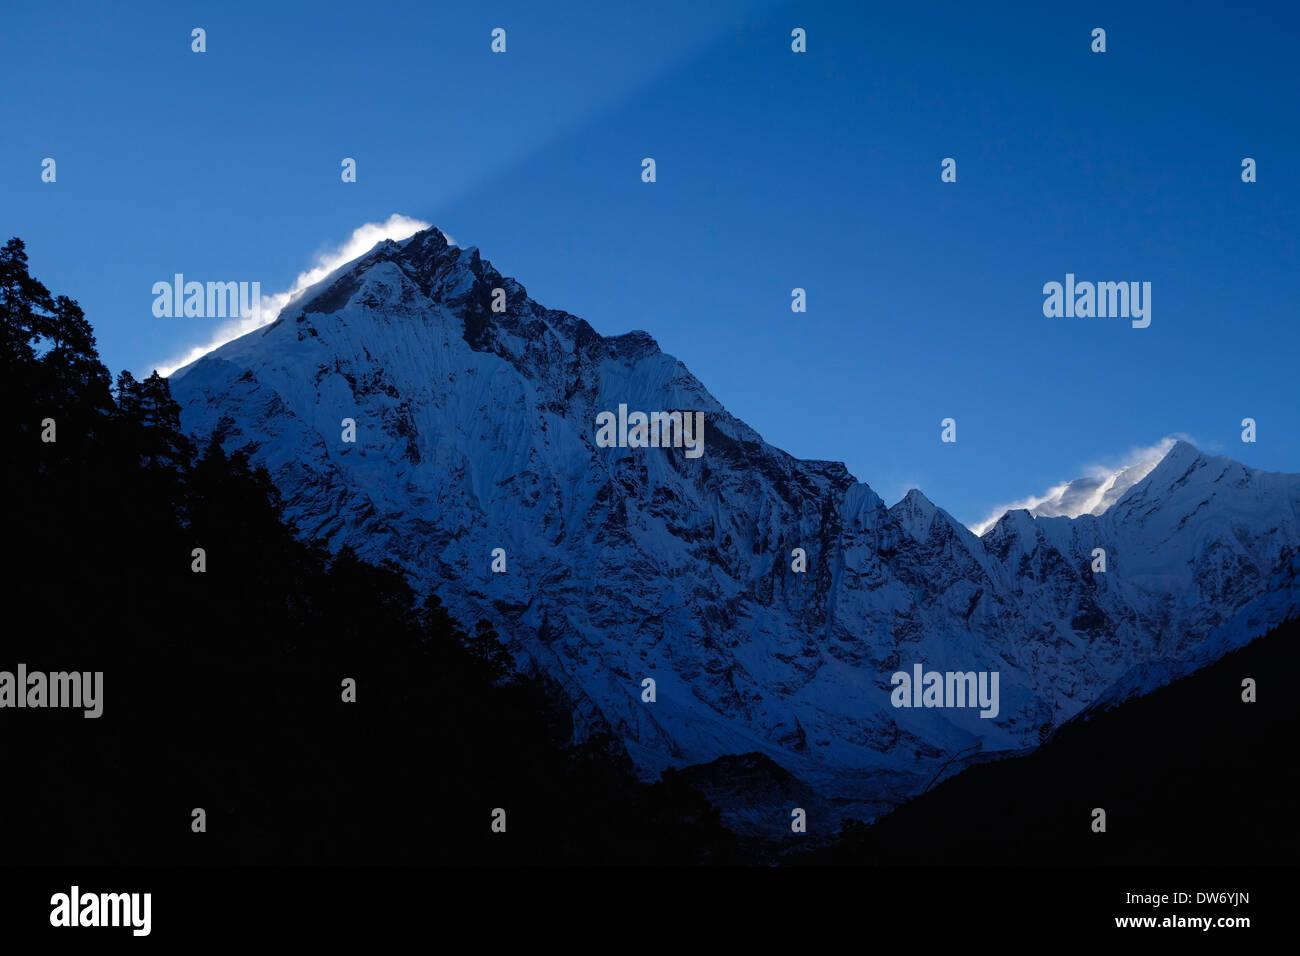 Peaks in the Ganesh Himal Range, Nepal. - Stock Image